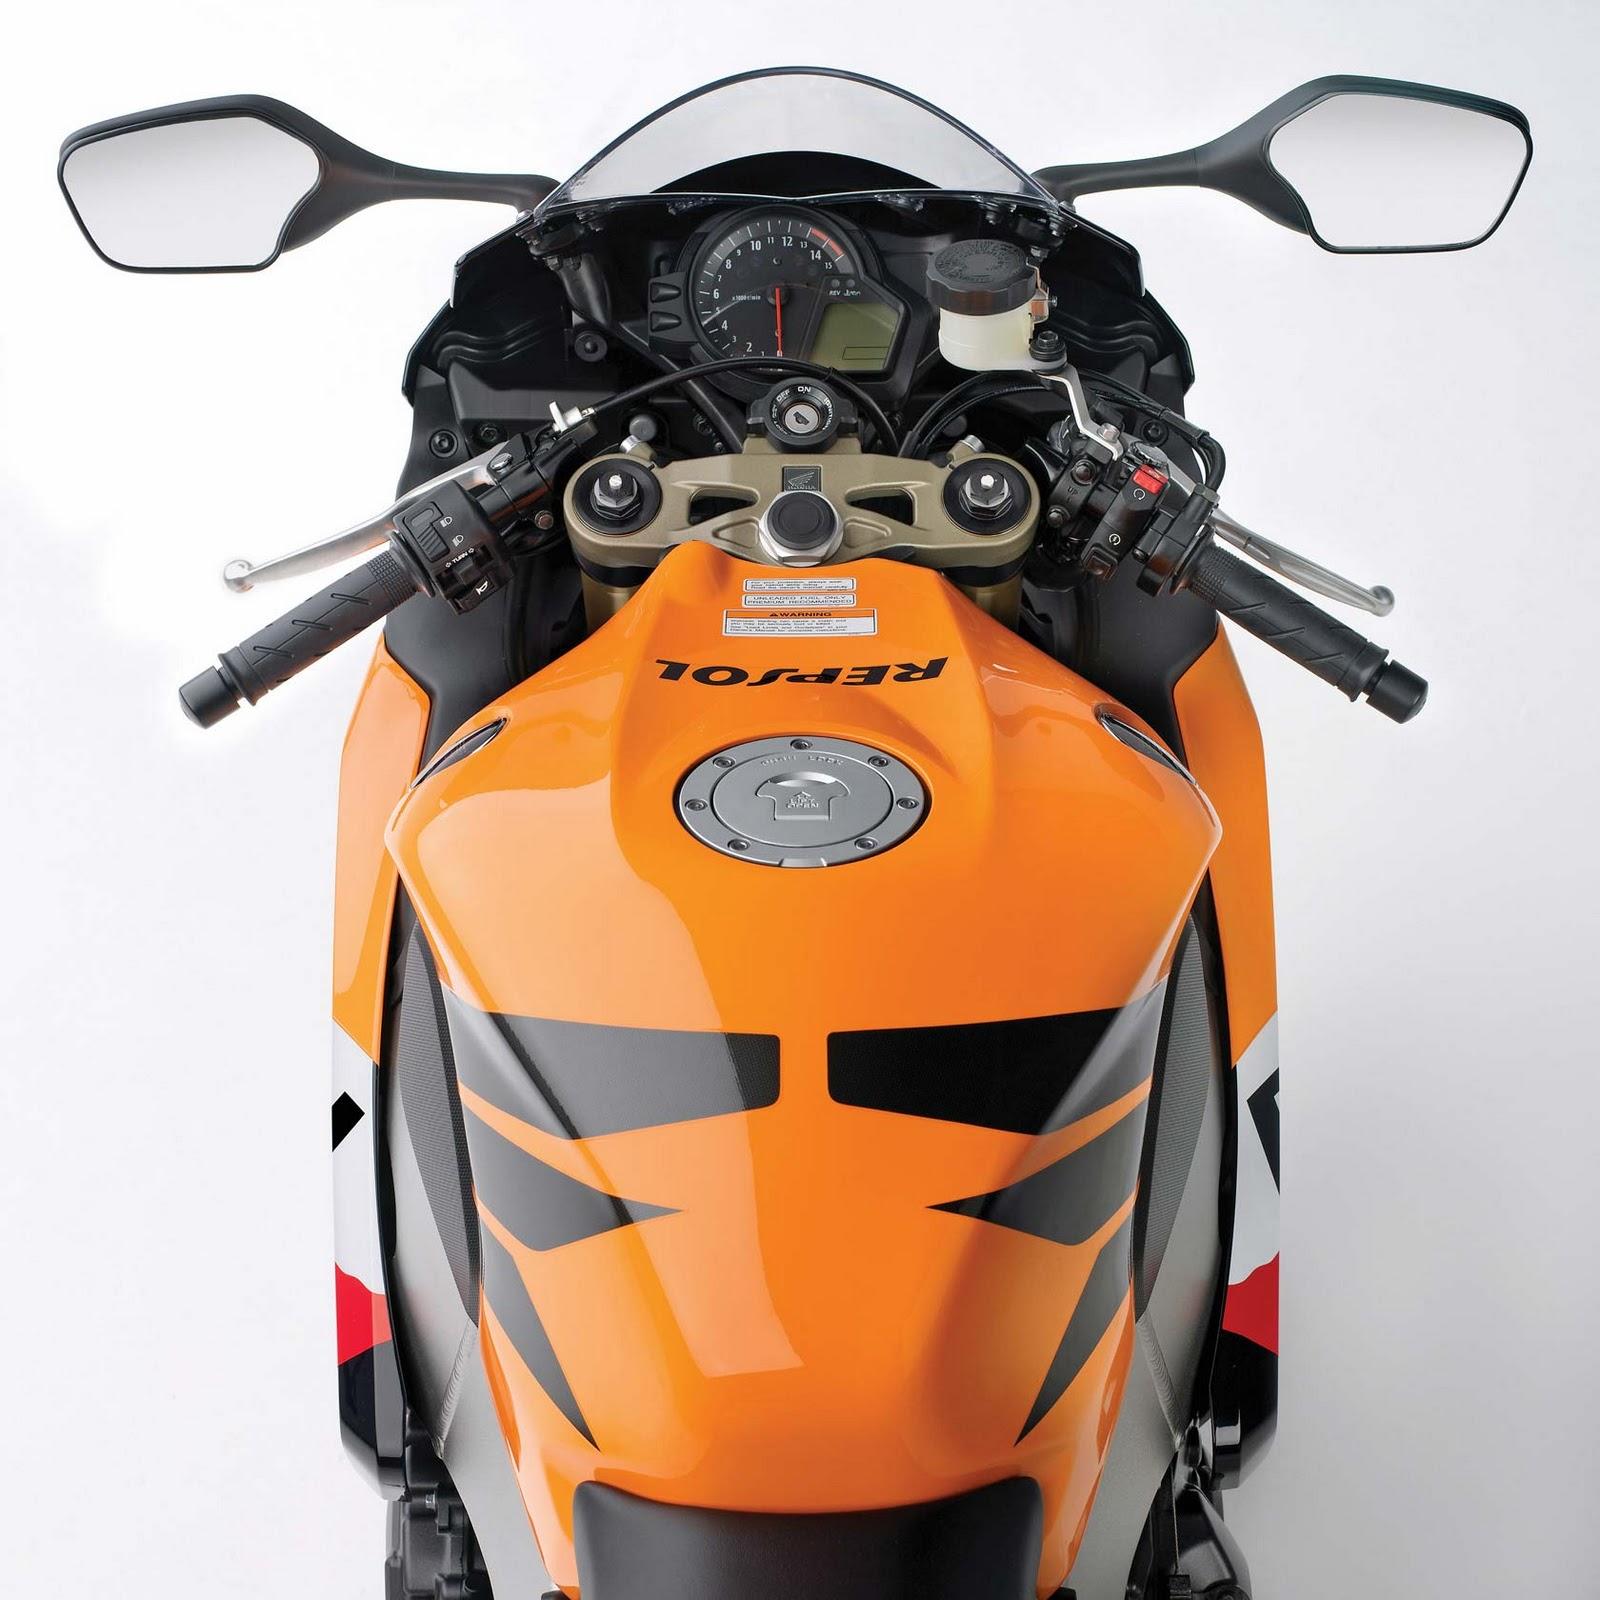 http://4.bp.blogspot.com/-SmoxNmci598/TWbVBvwY4qI/AAAAAAAAAFs/hYHV6_vtVDo/s1600/2011-Honda-CBR+1000+RR-04.jpg